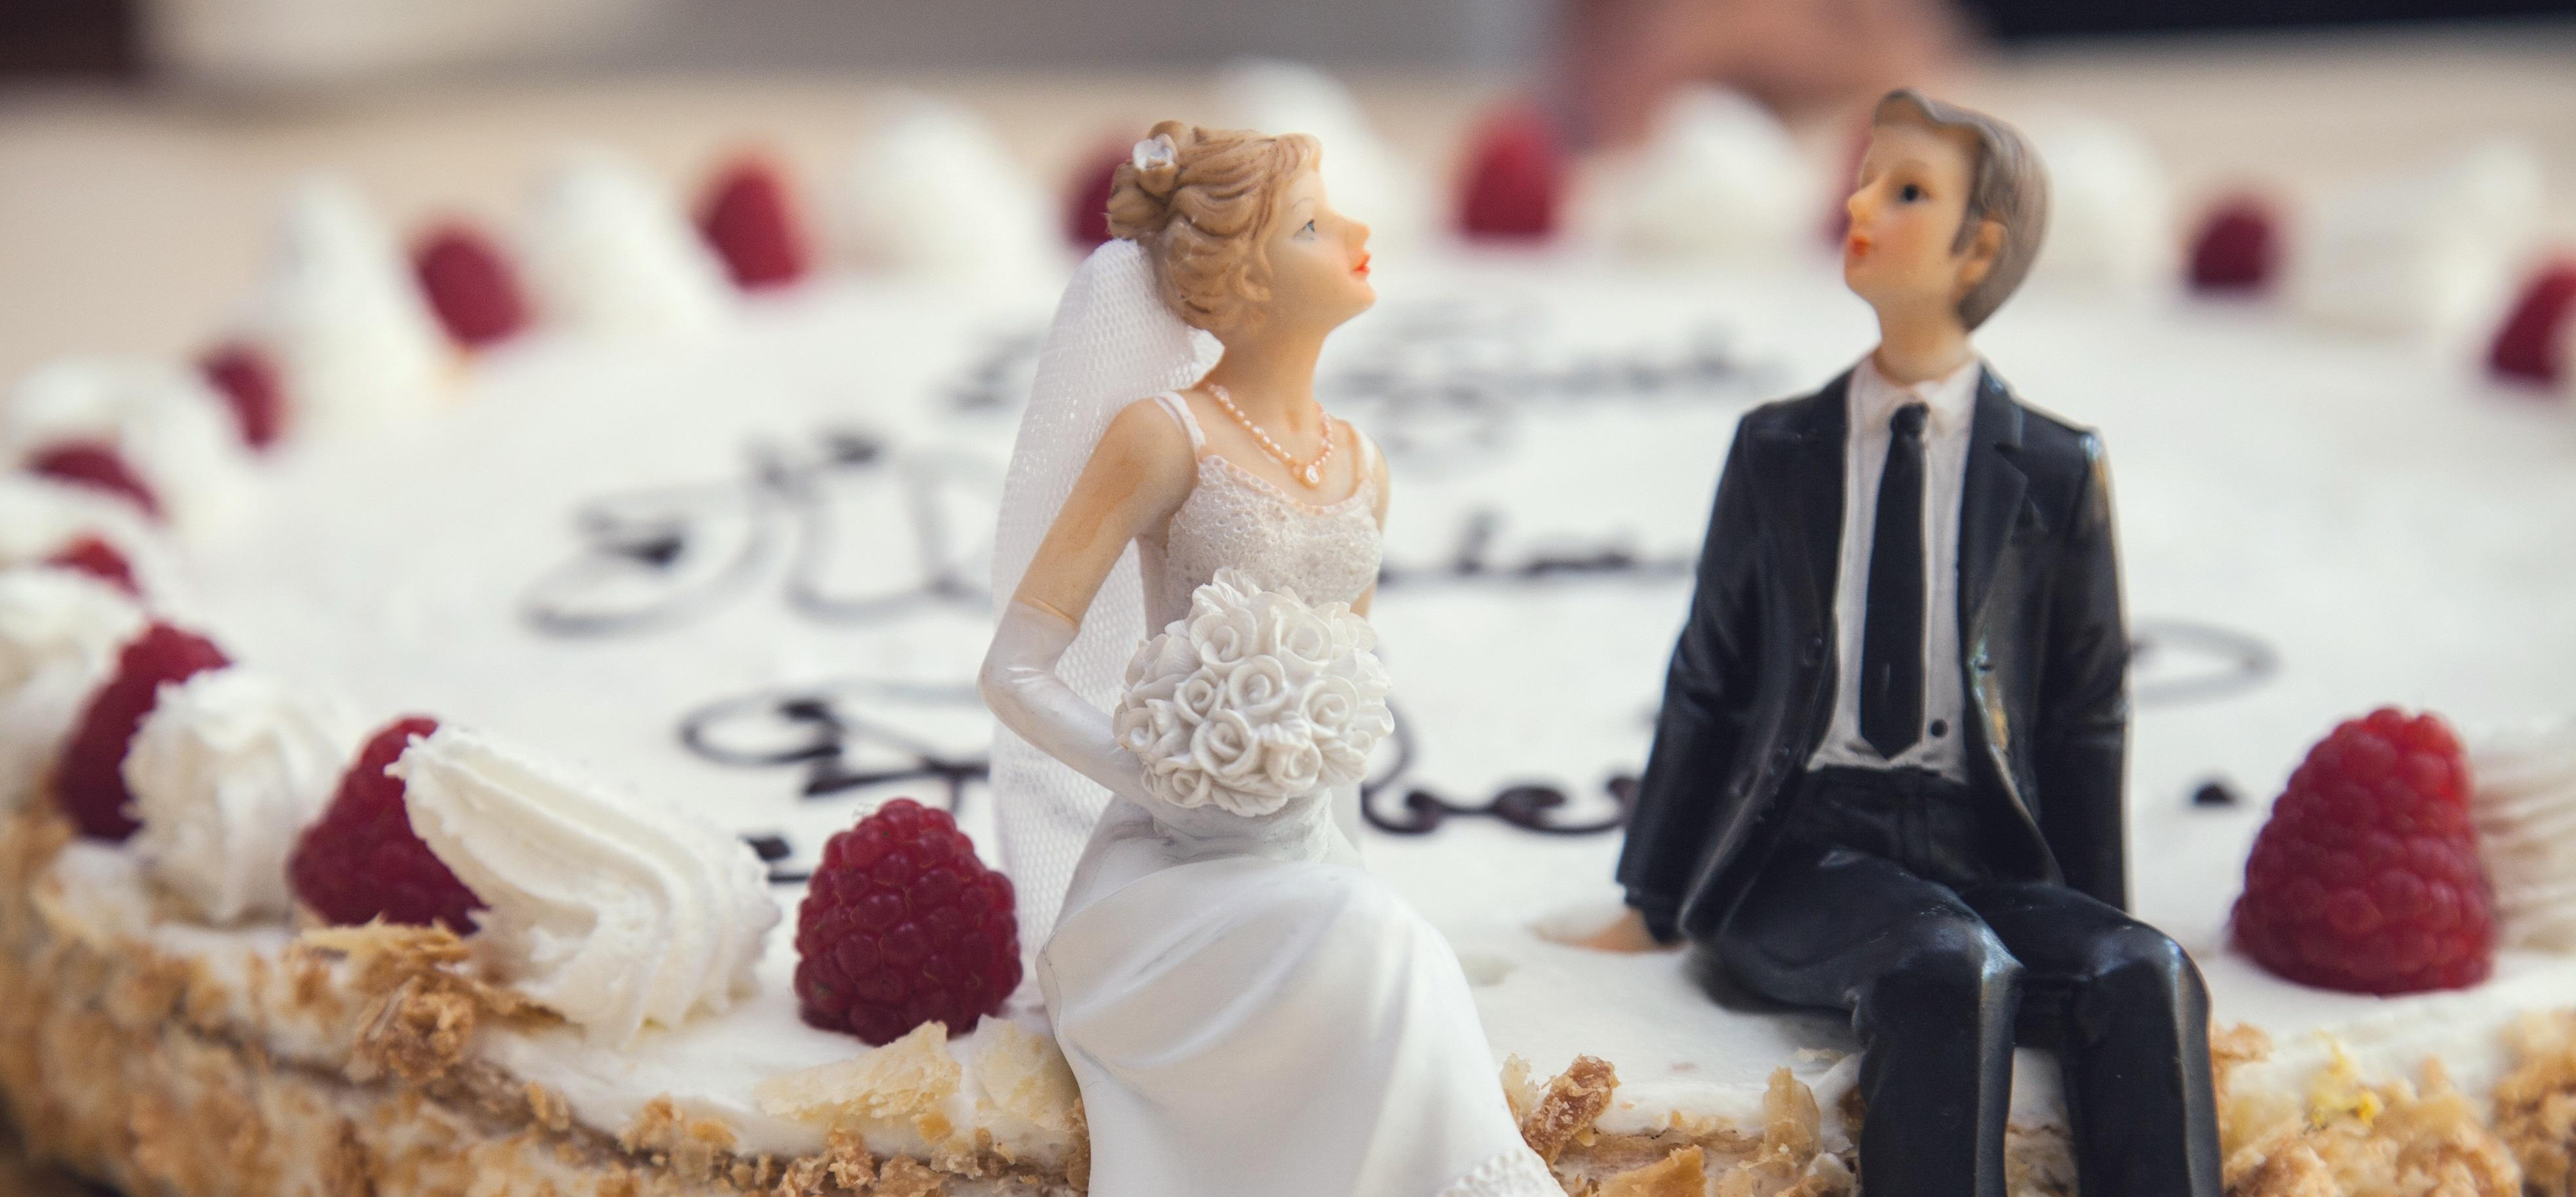 Брак негативно влияет на интимную жизнь